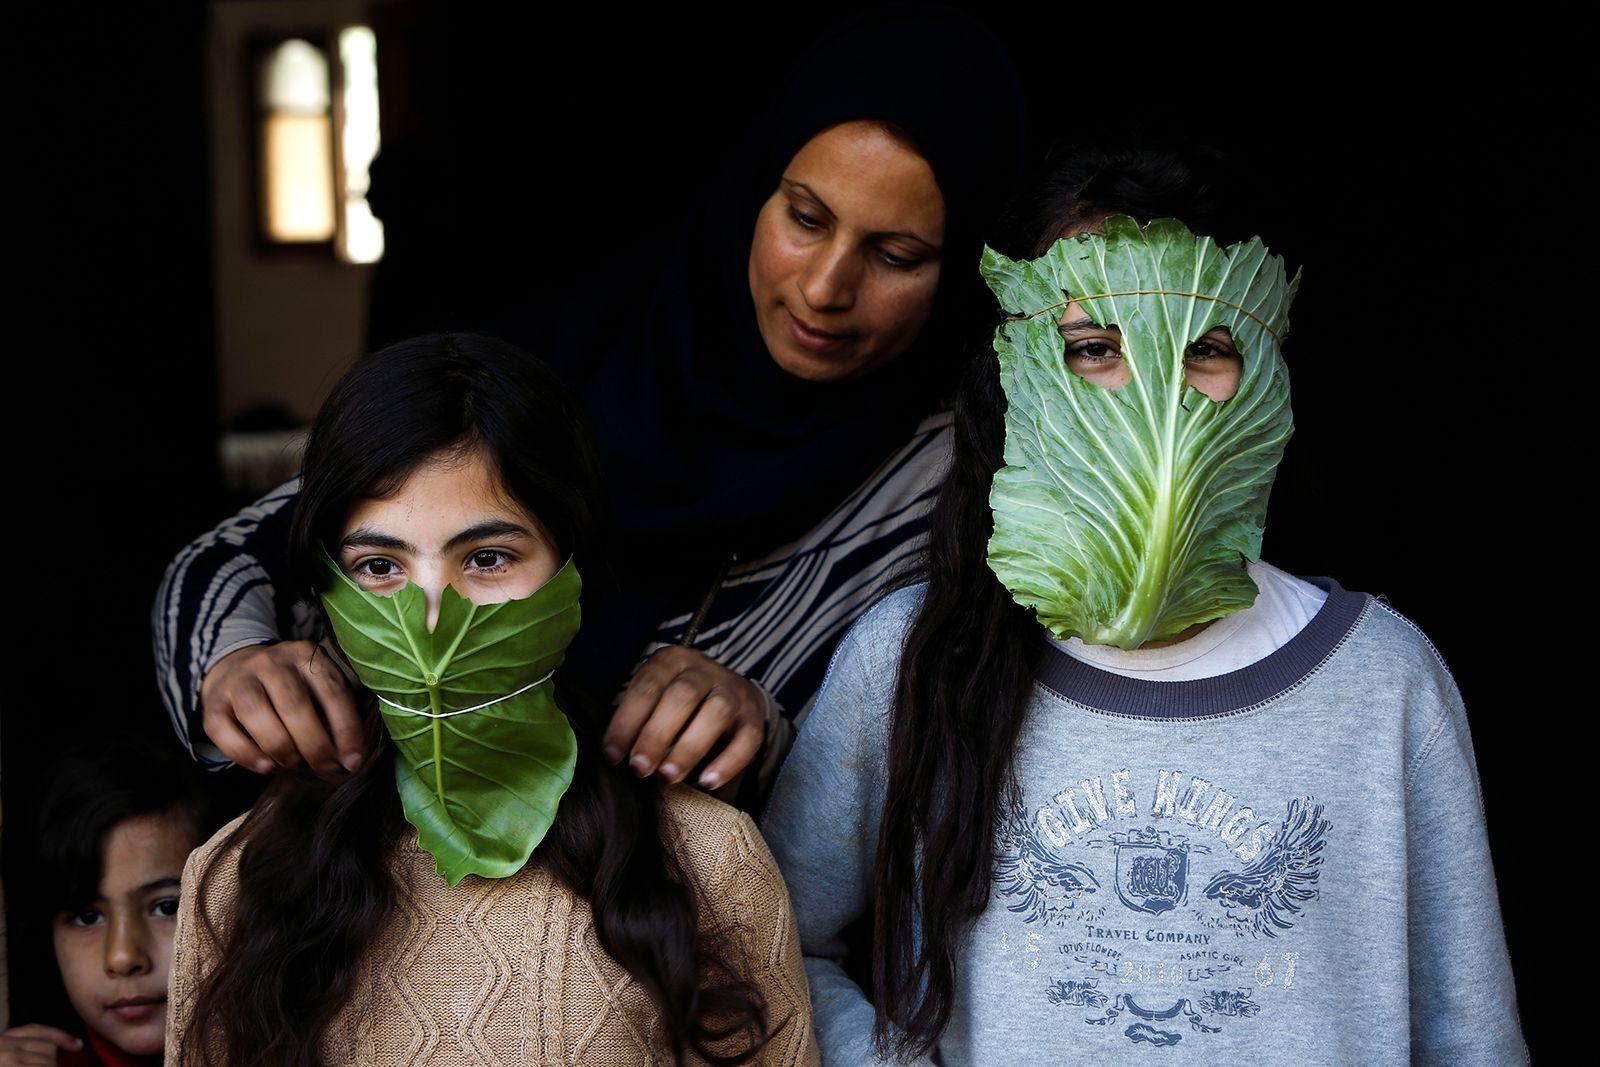 mother putting lettuce masks on kids